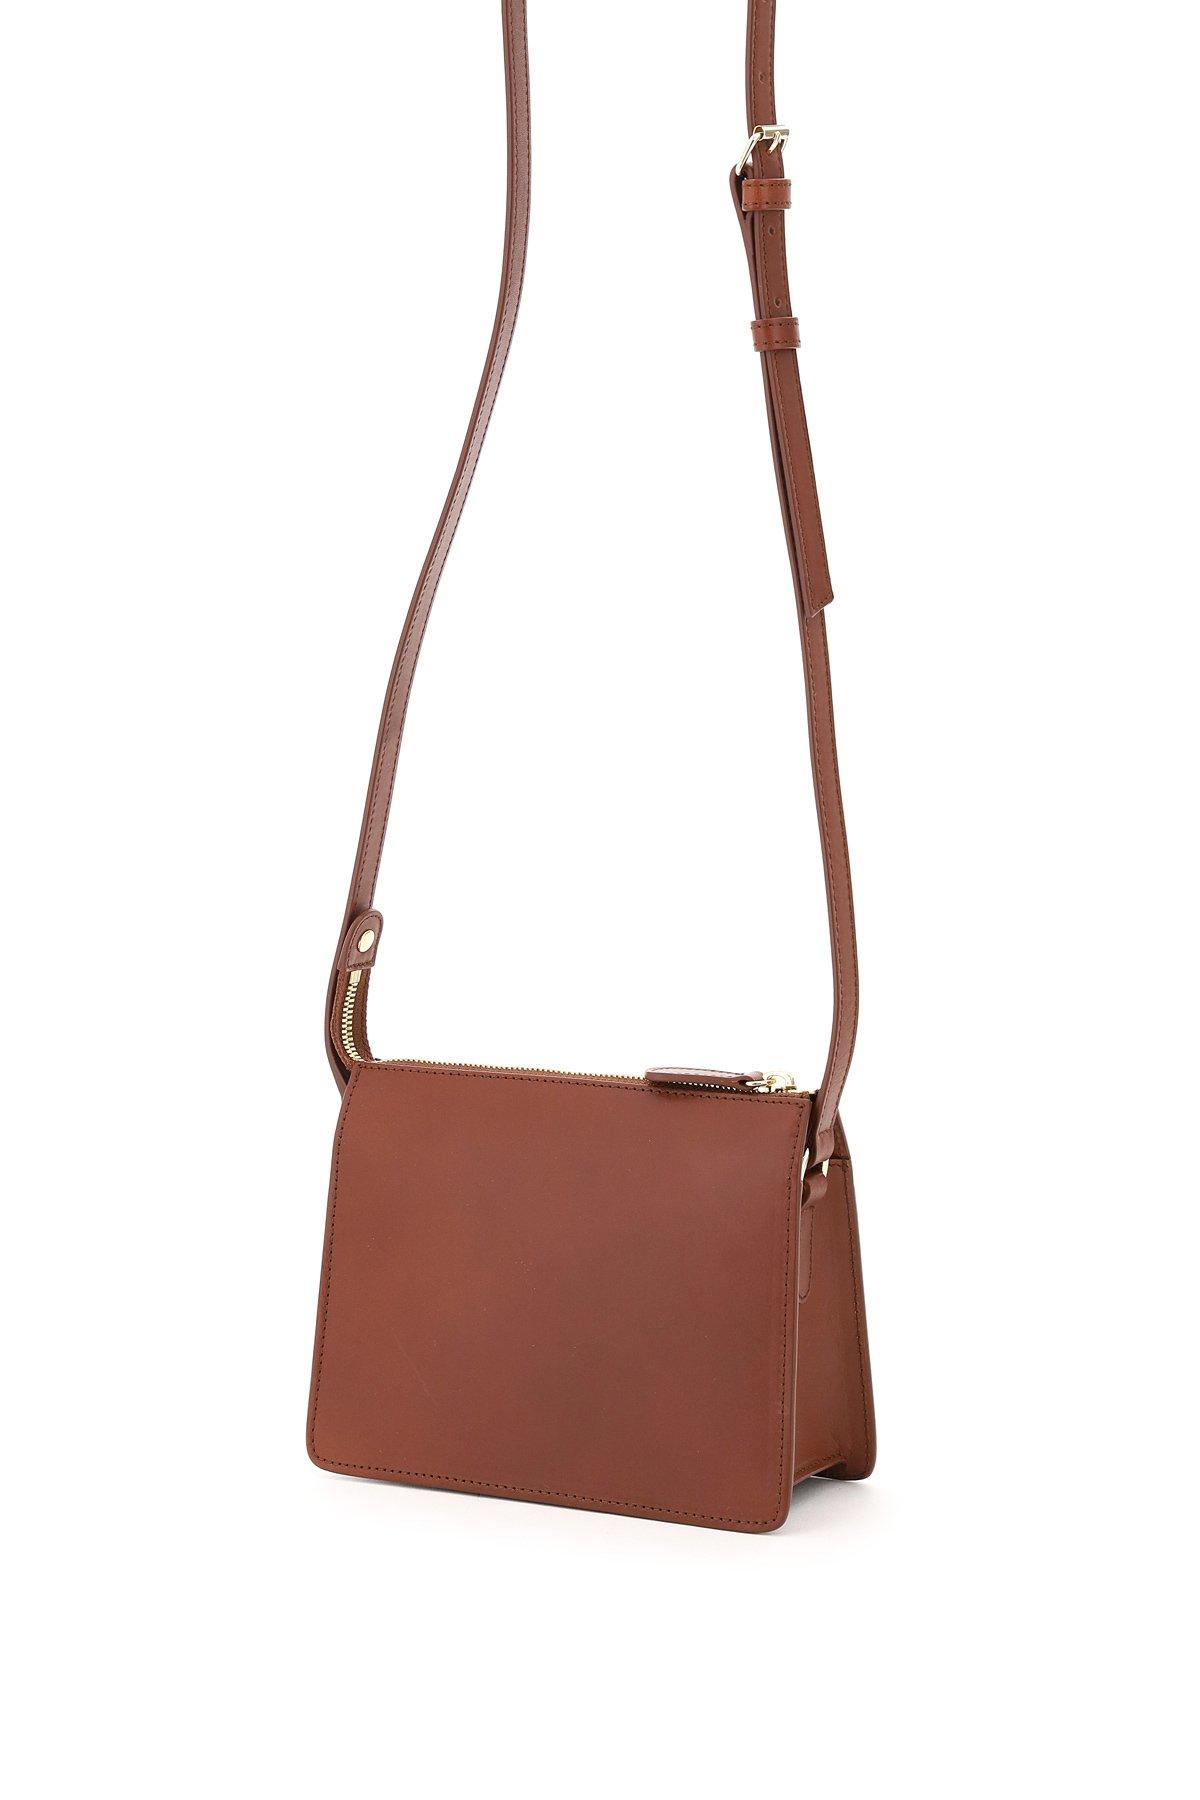 A.p.c. mini bag ella